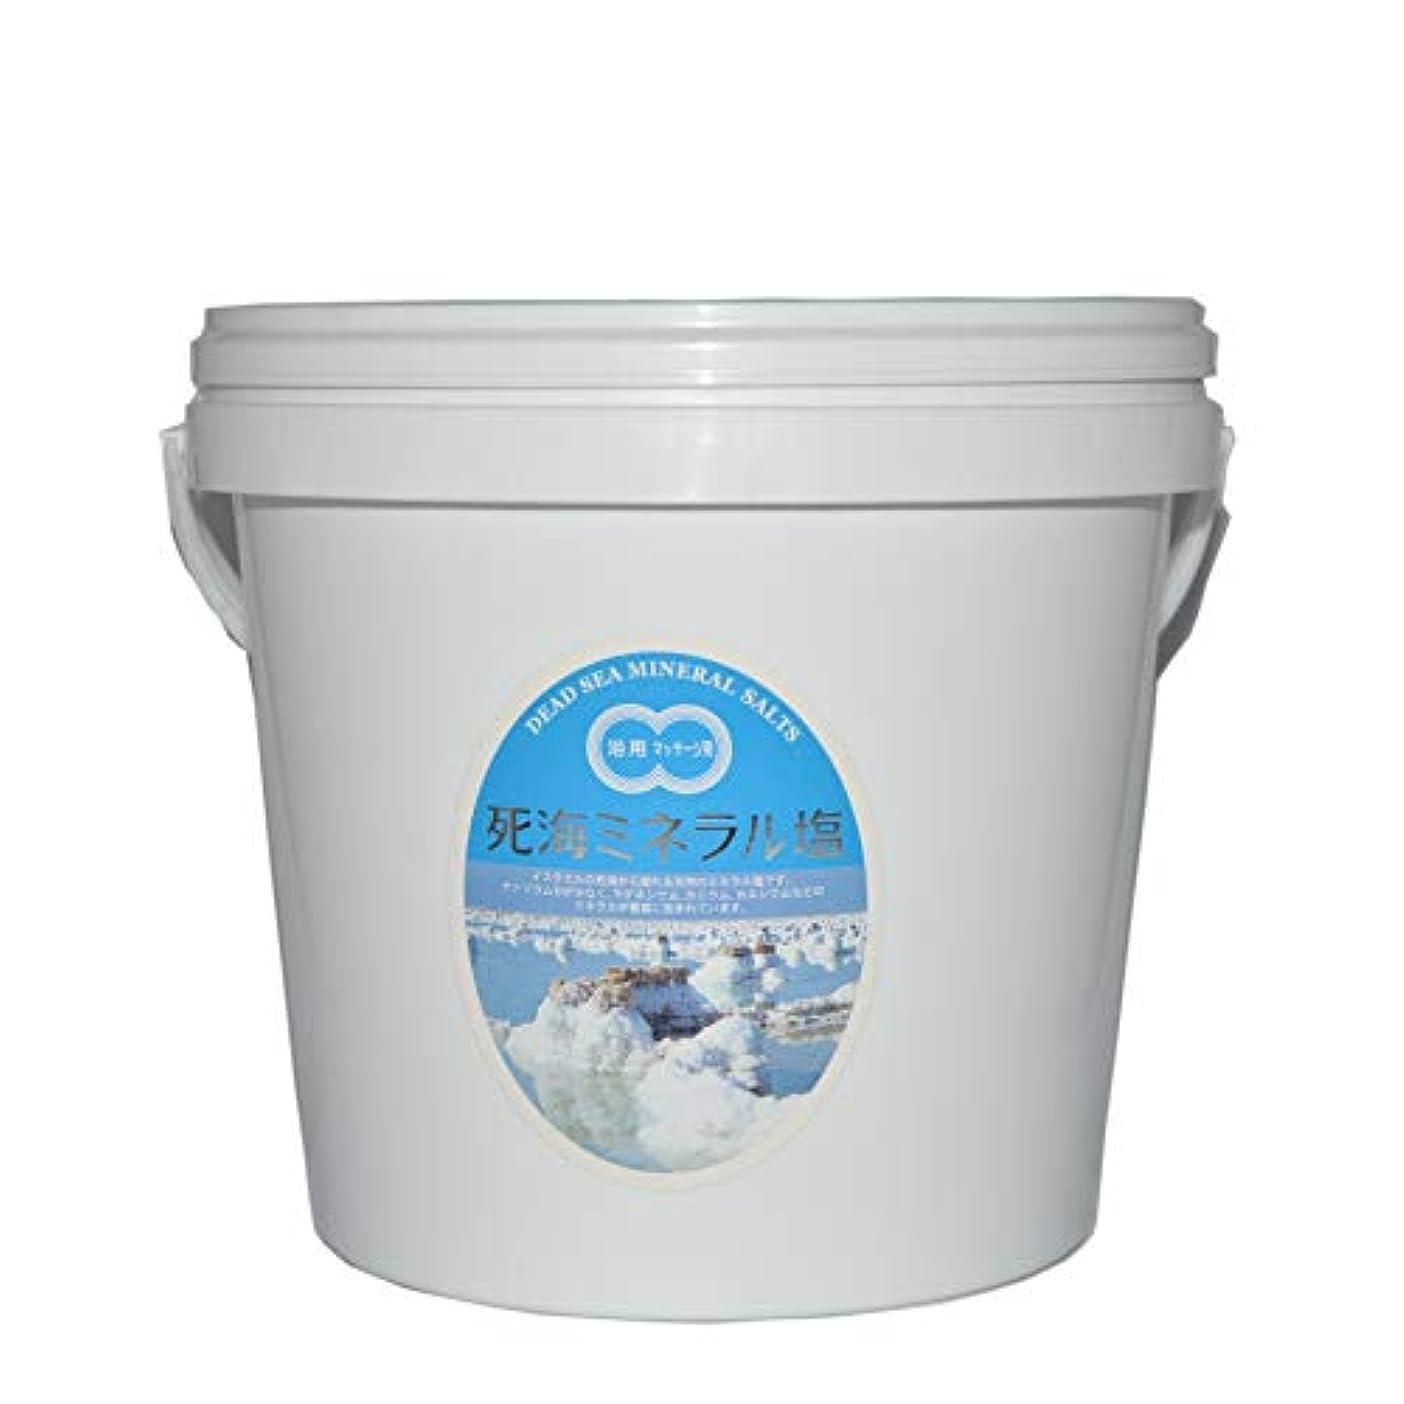 無声で効果歴史的死海ミネラル塩5kgバケツ